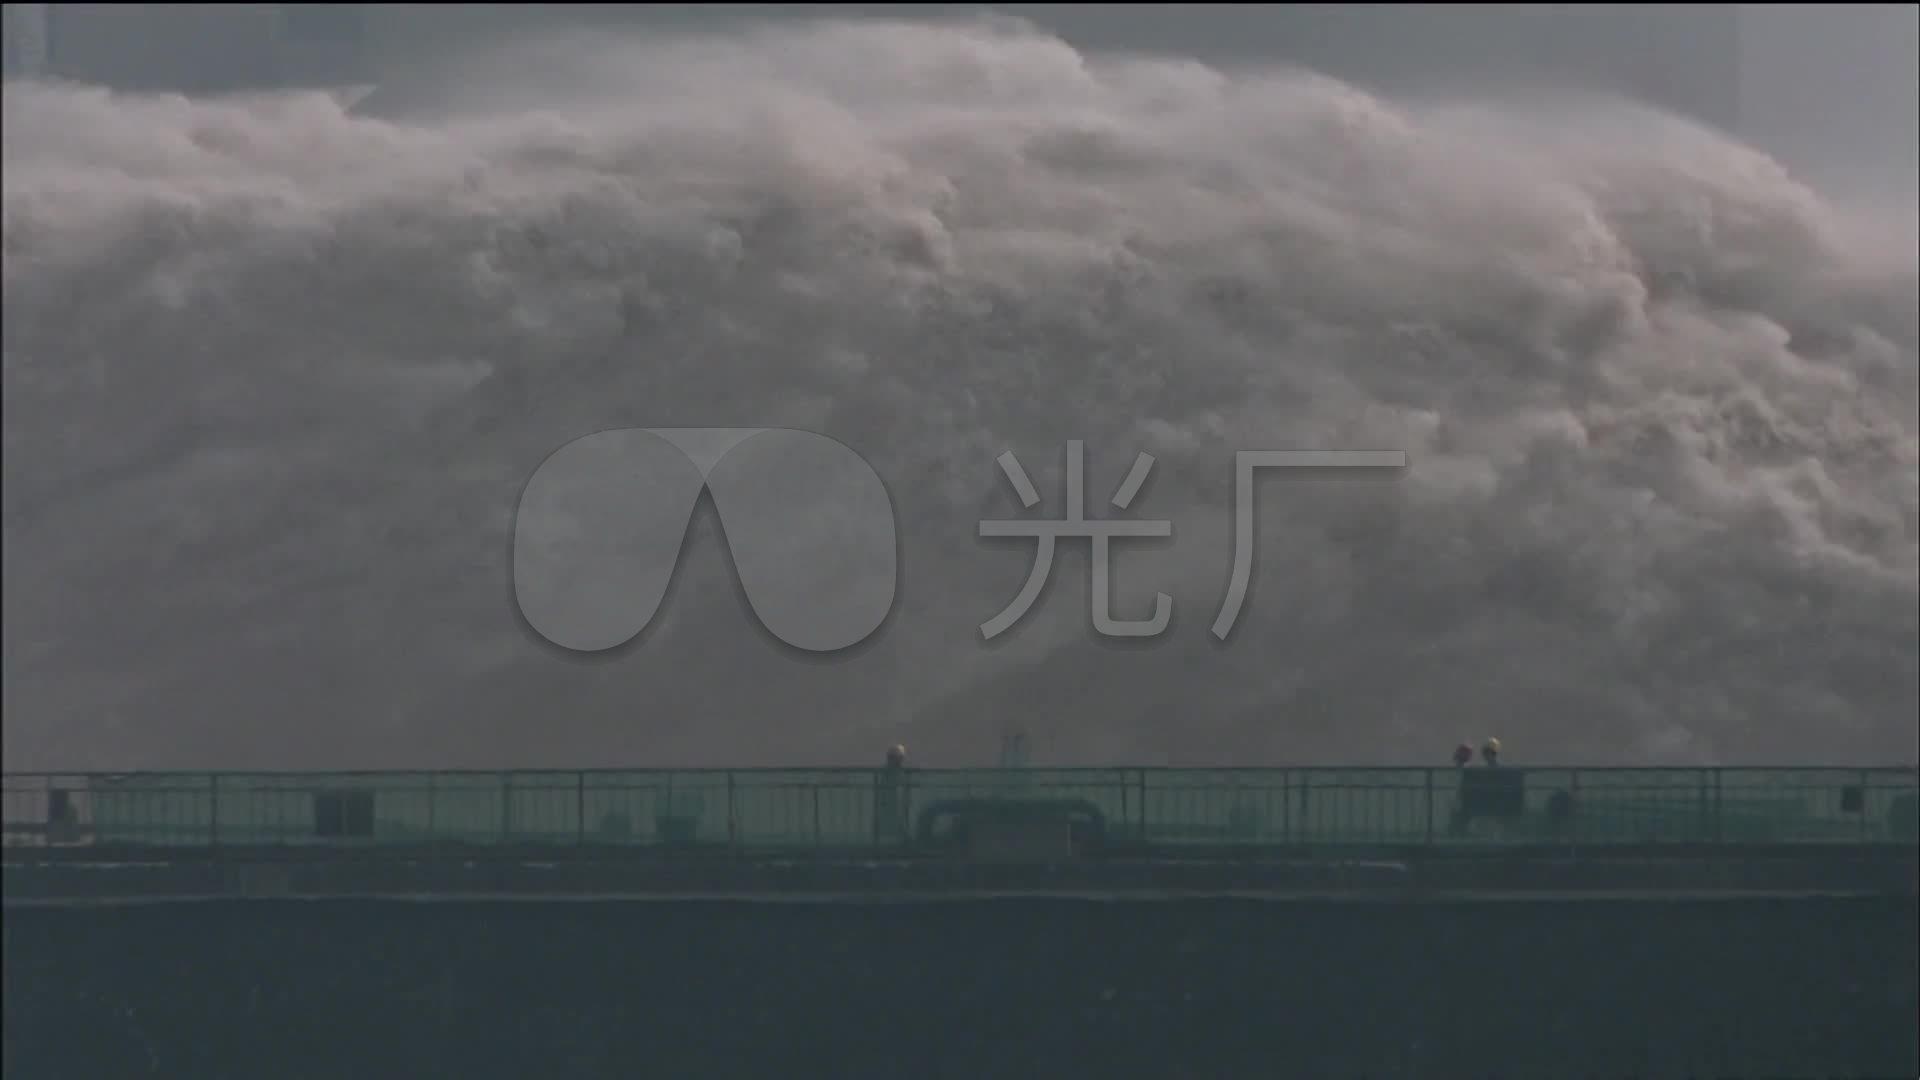 长江三峡大坝泄洪水利工程发电站v奶茶_1920X奶茶吧视频图片